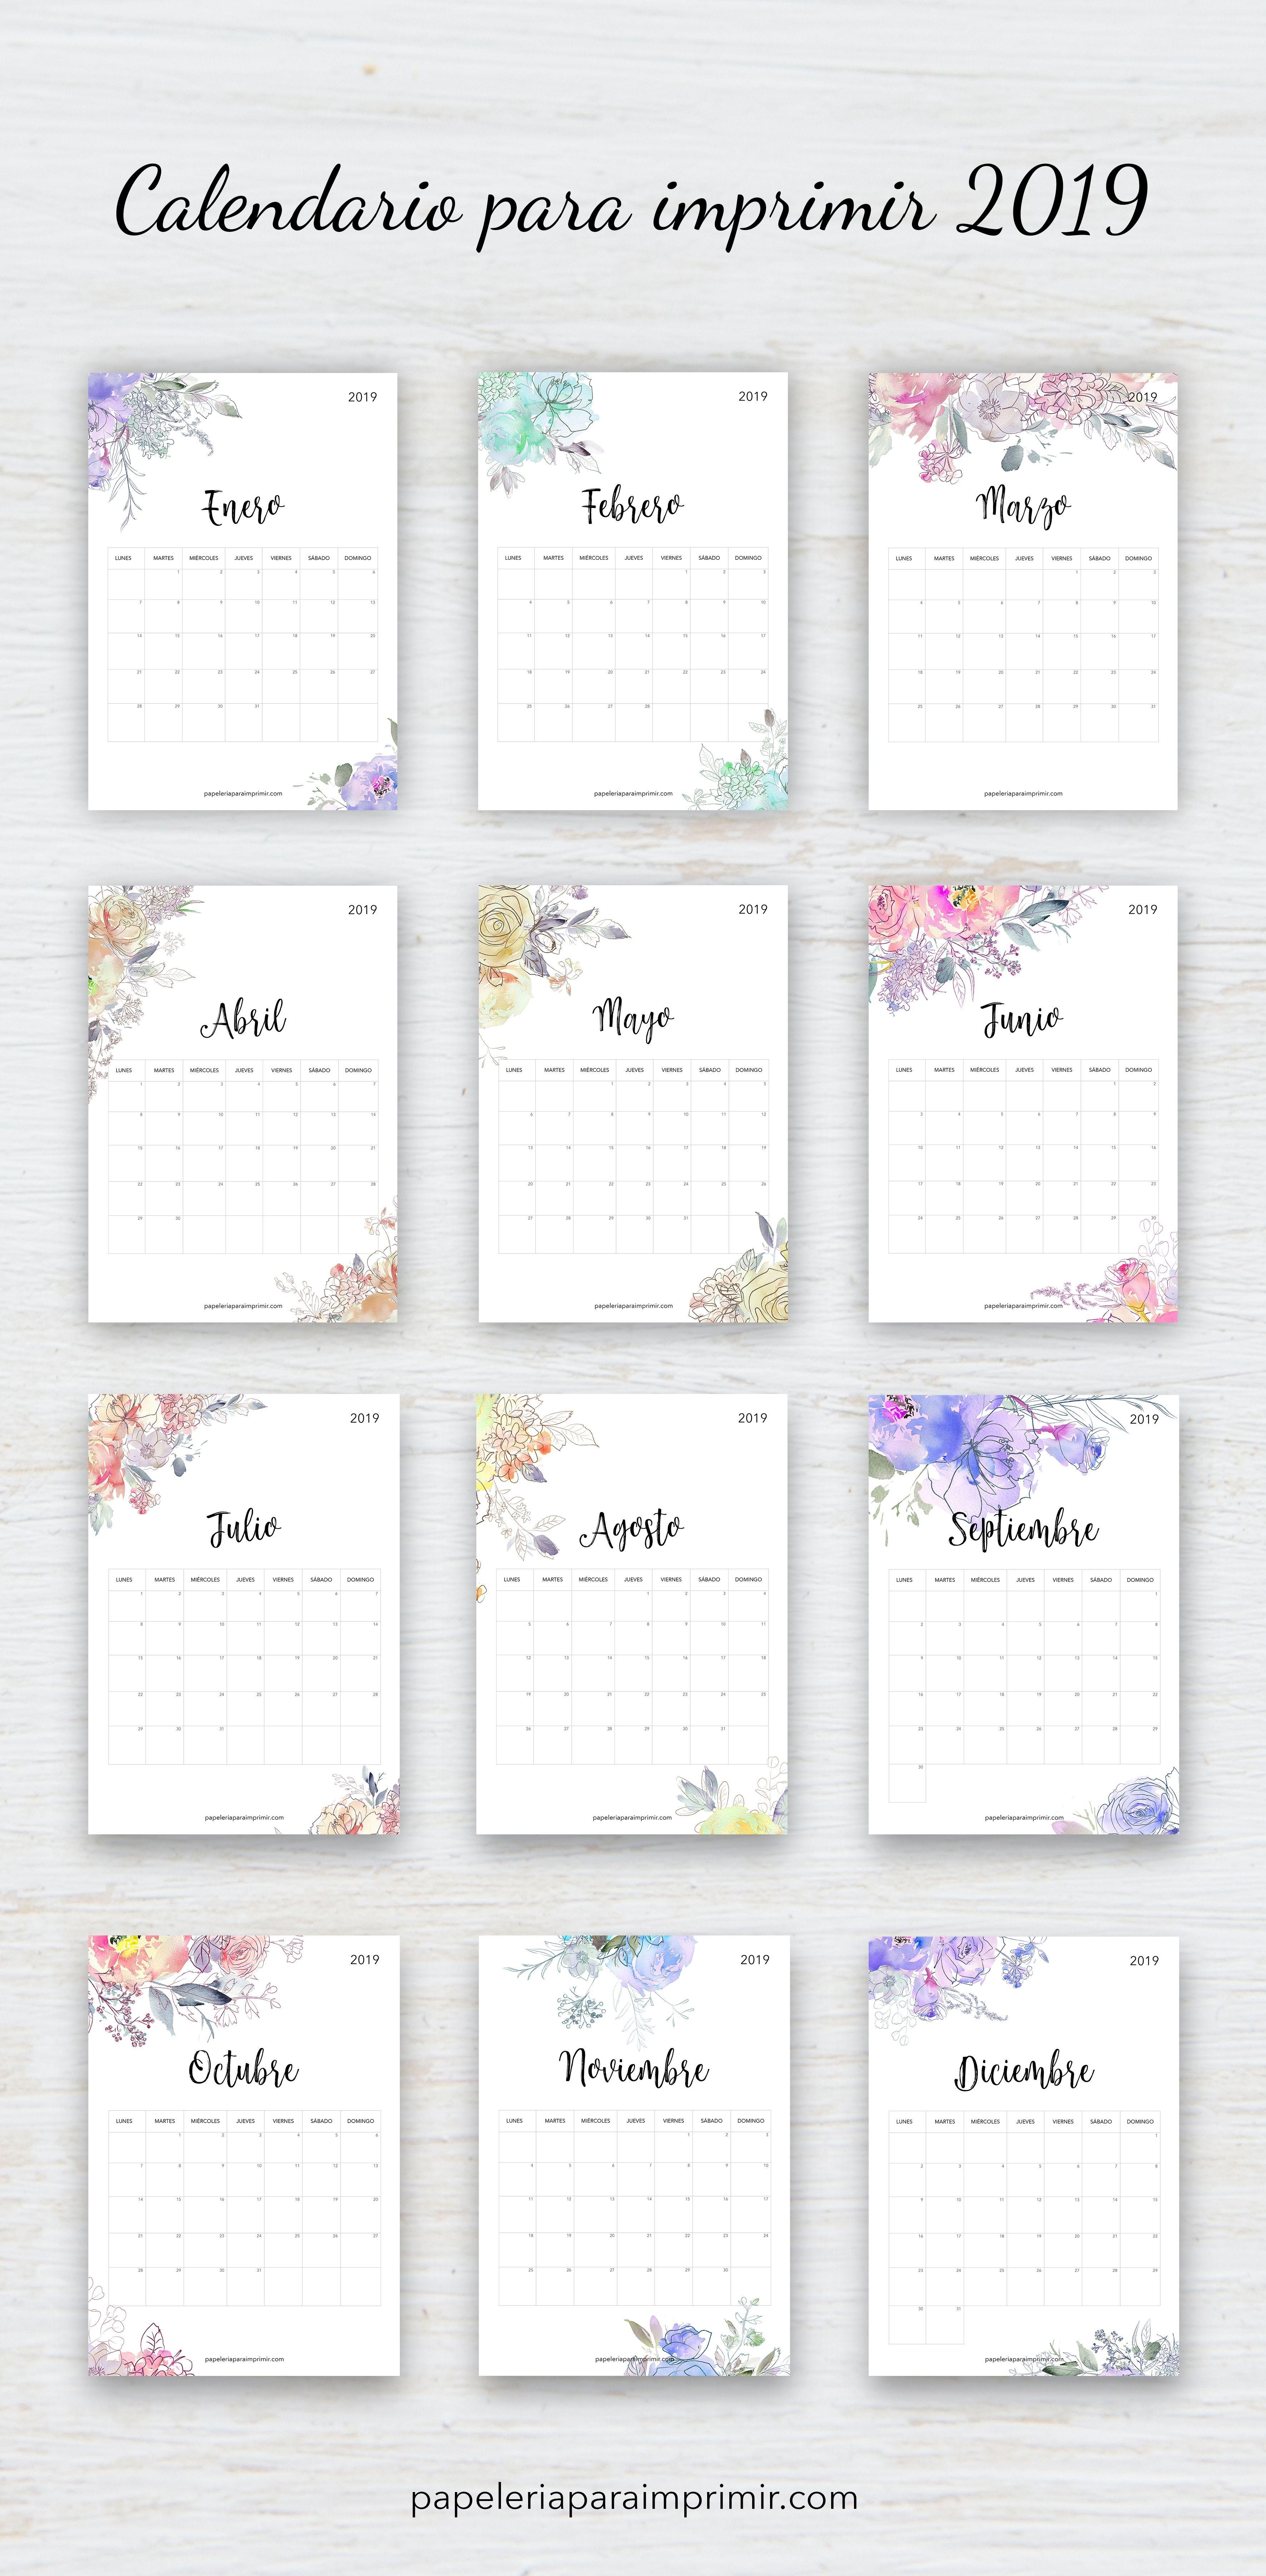 Calendario Marzo Y Abril 2017 Para Imprimir Más Reciente soraya Del Rey sorayadelreyestudio En Pinterest Of Calendario Marzo Y Abril 2017 Para Imprimir Más Actual Calaméo Deia